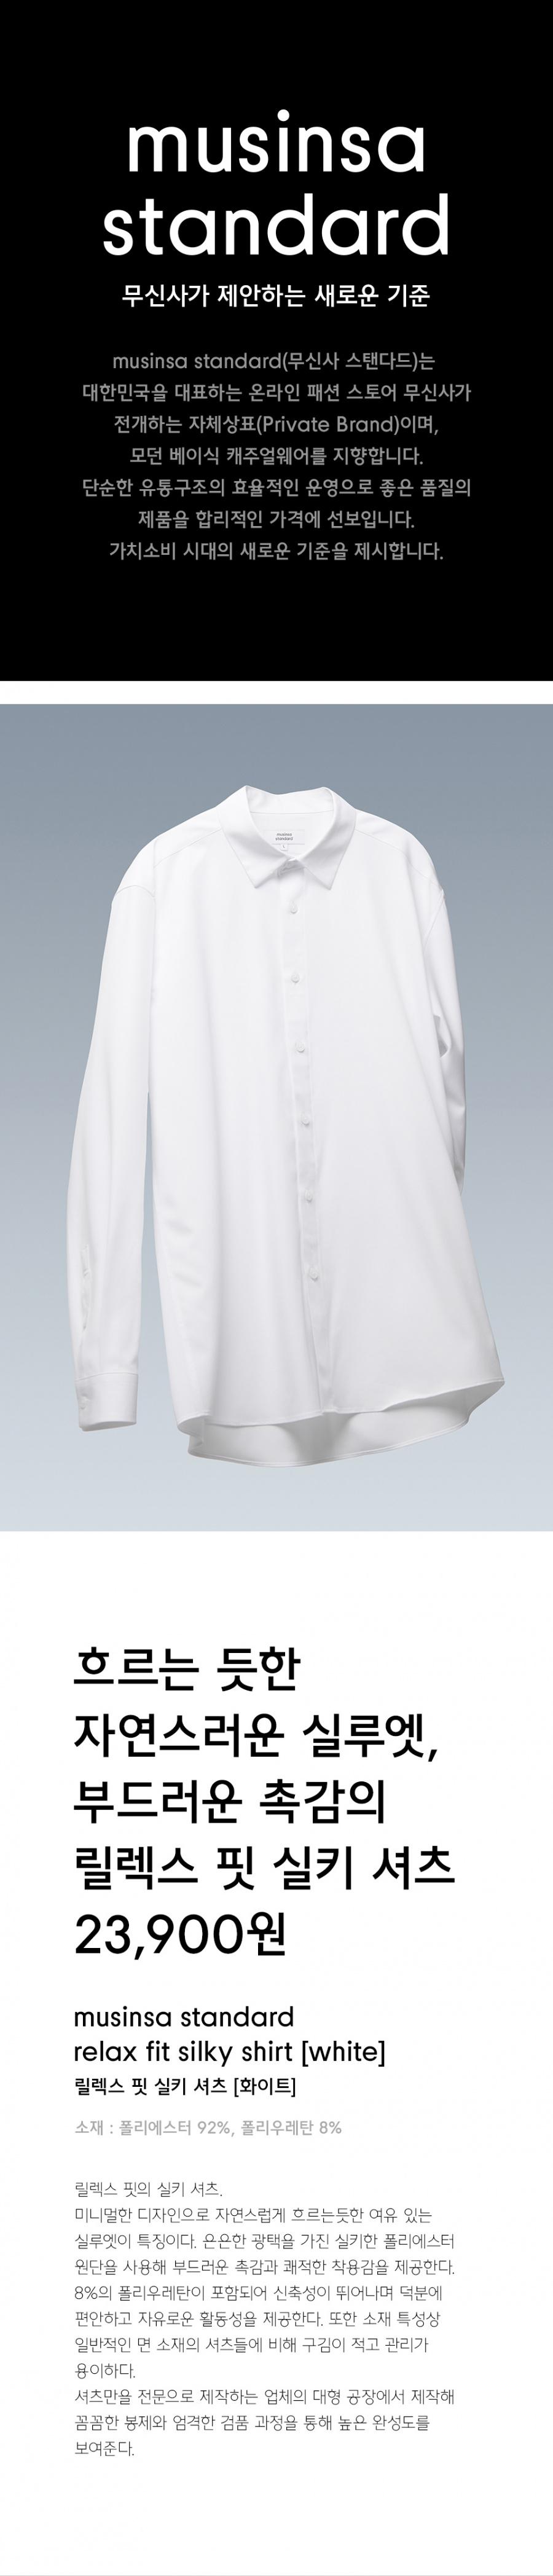 무신사 스탠다드(MUSINSA STANDARD) 릴렉스 핏 실키 셔츠 [화이트]